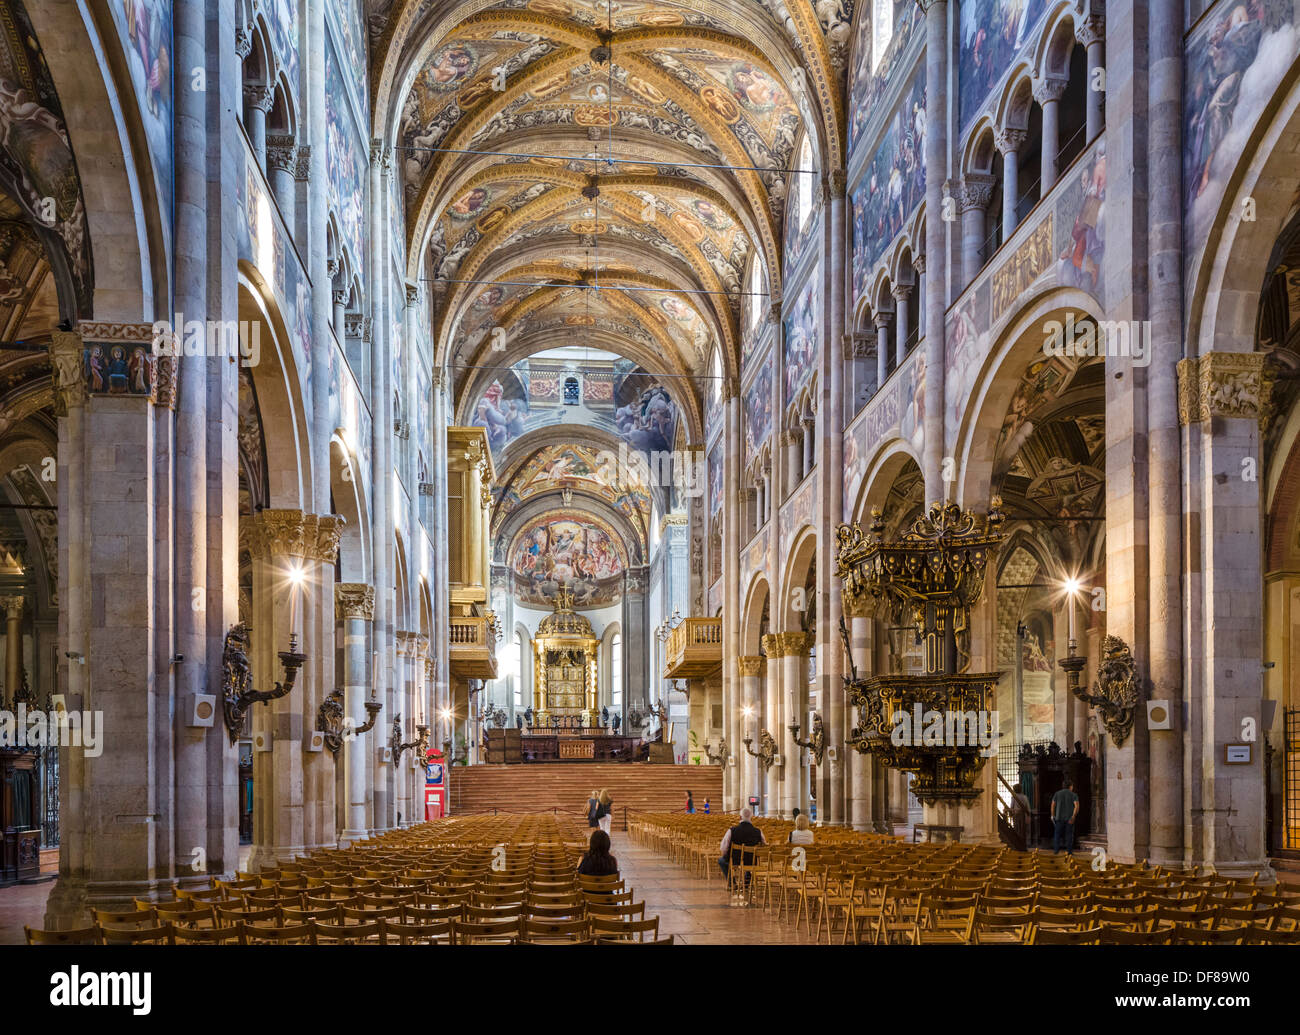 Interior of the Duomo, Parma, Emilia Romagna, Italy - Stock Image